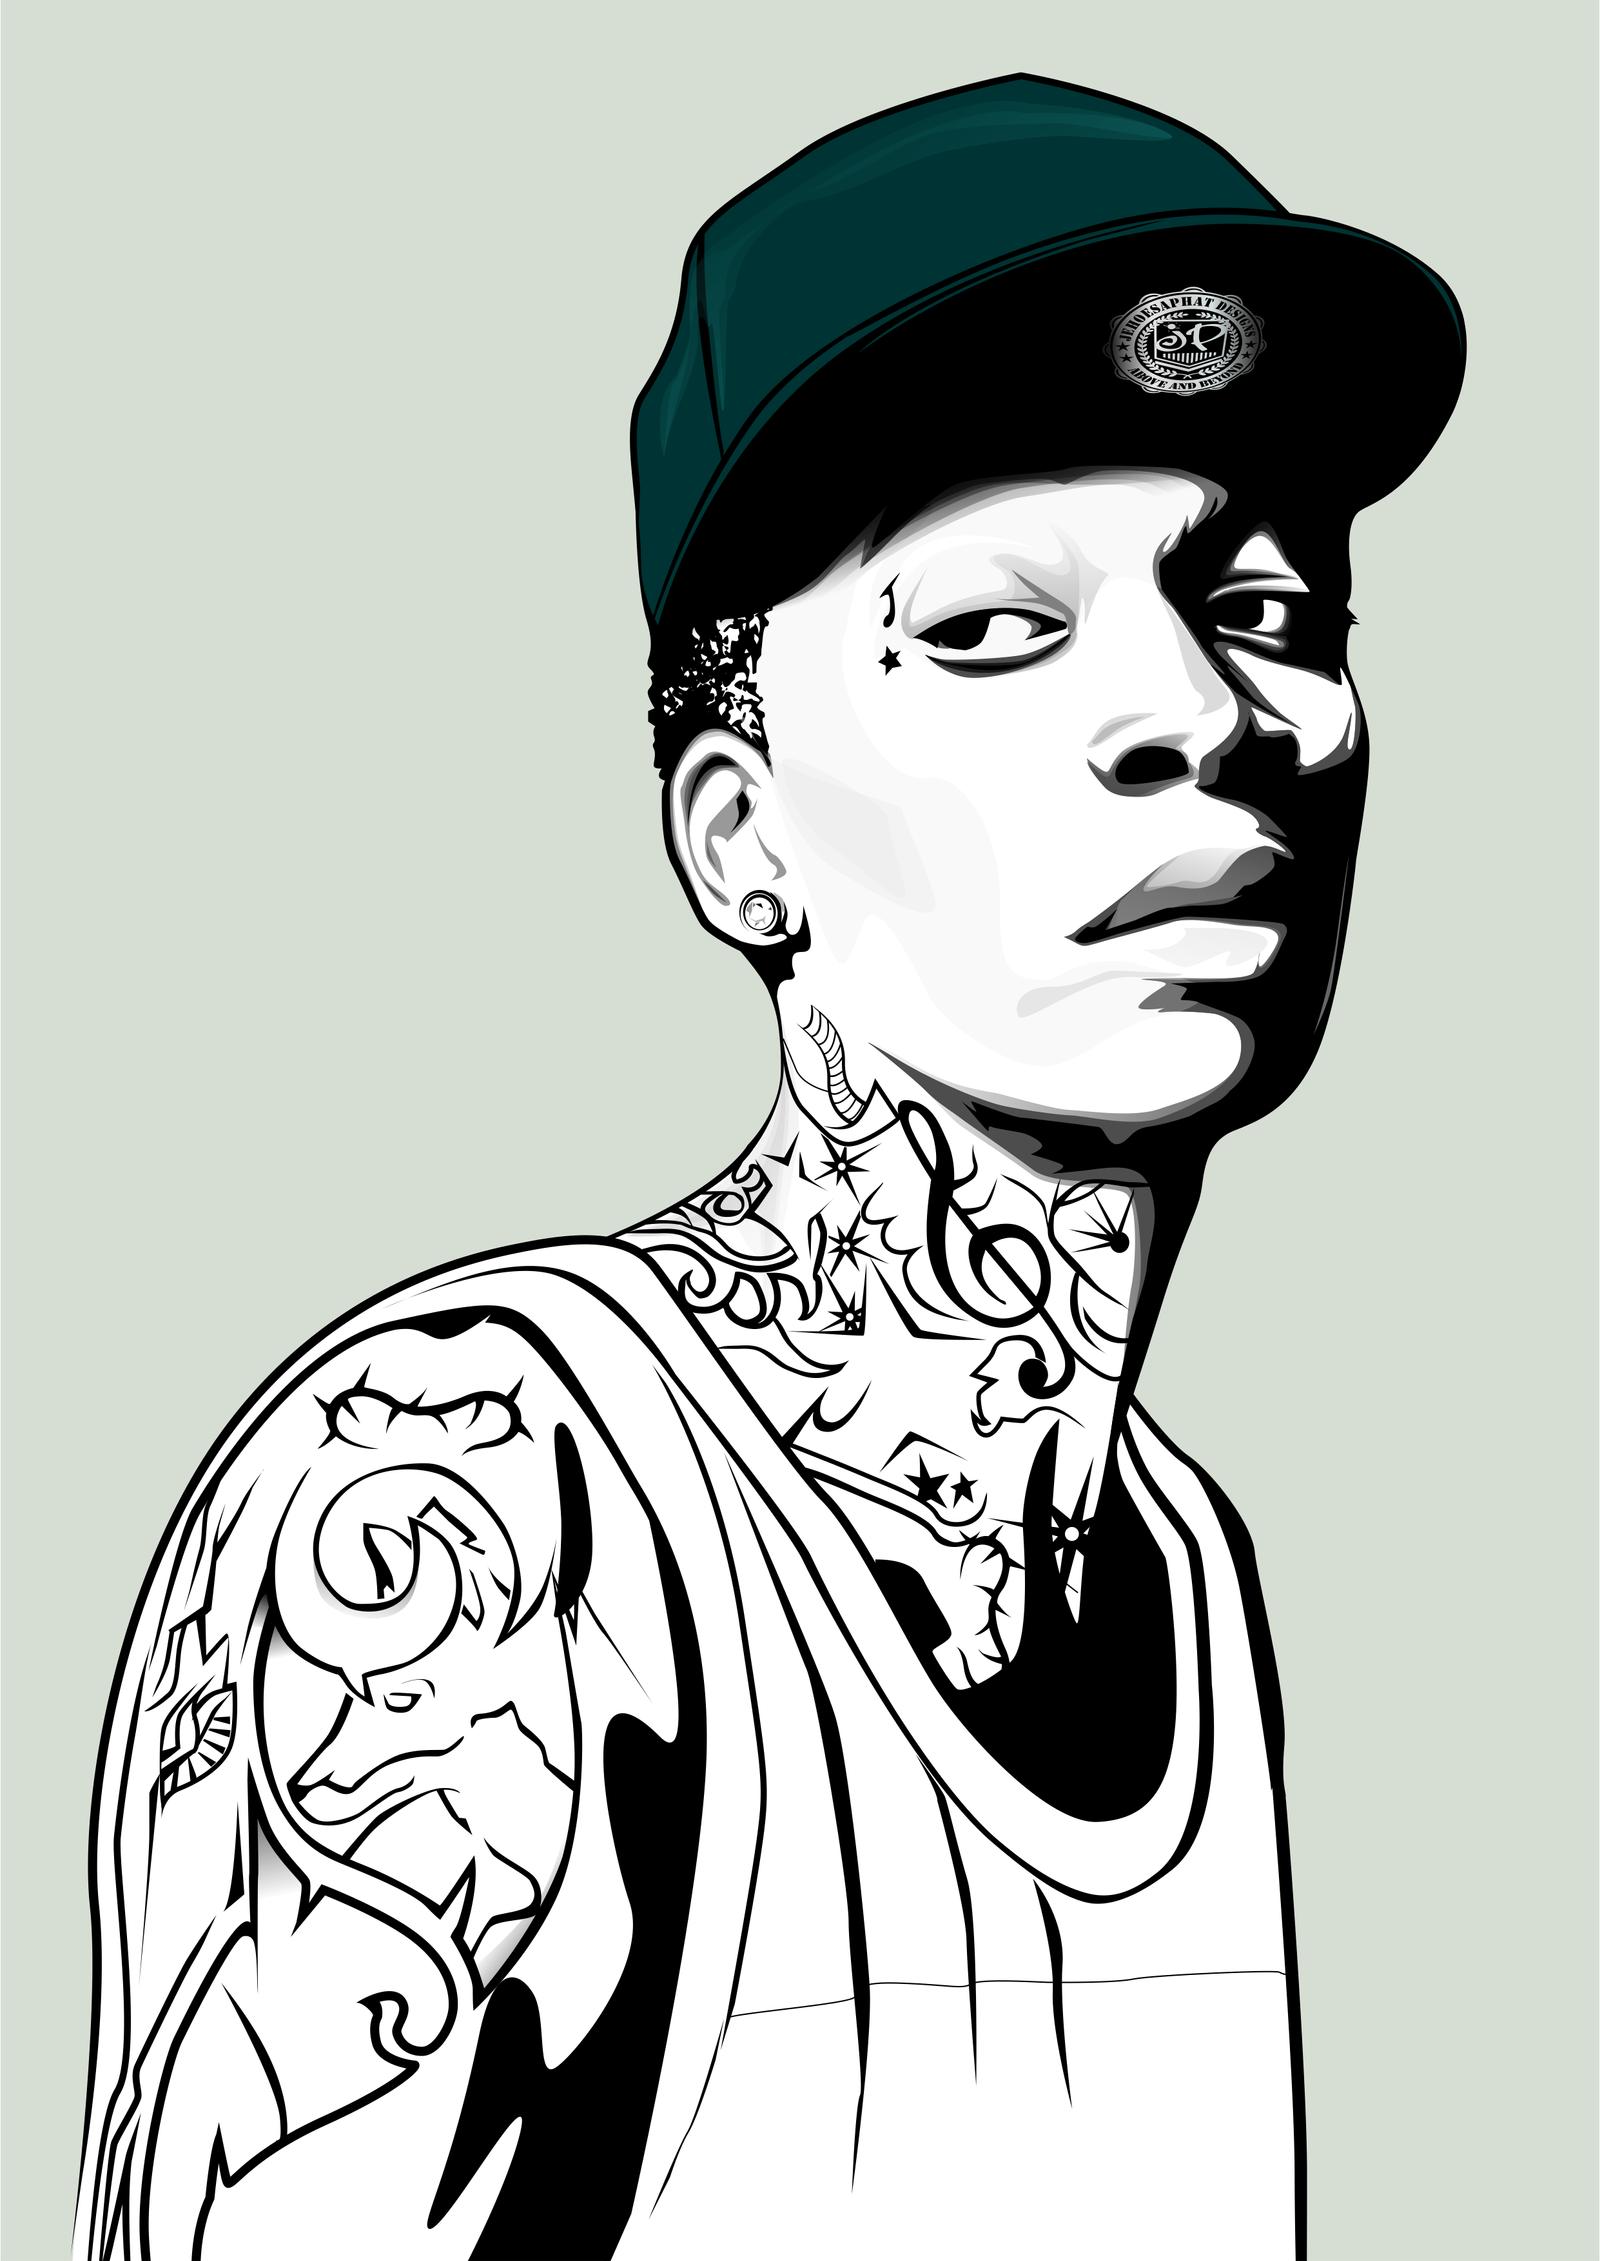 wiz Khalifa by matim01 on DeviantArt